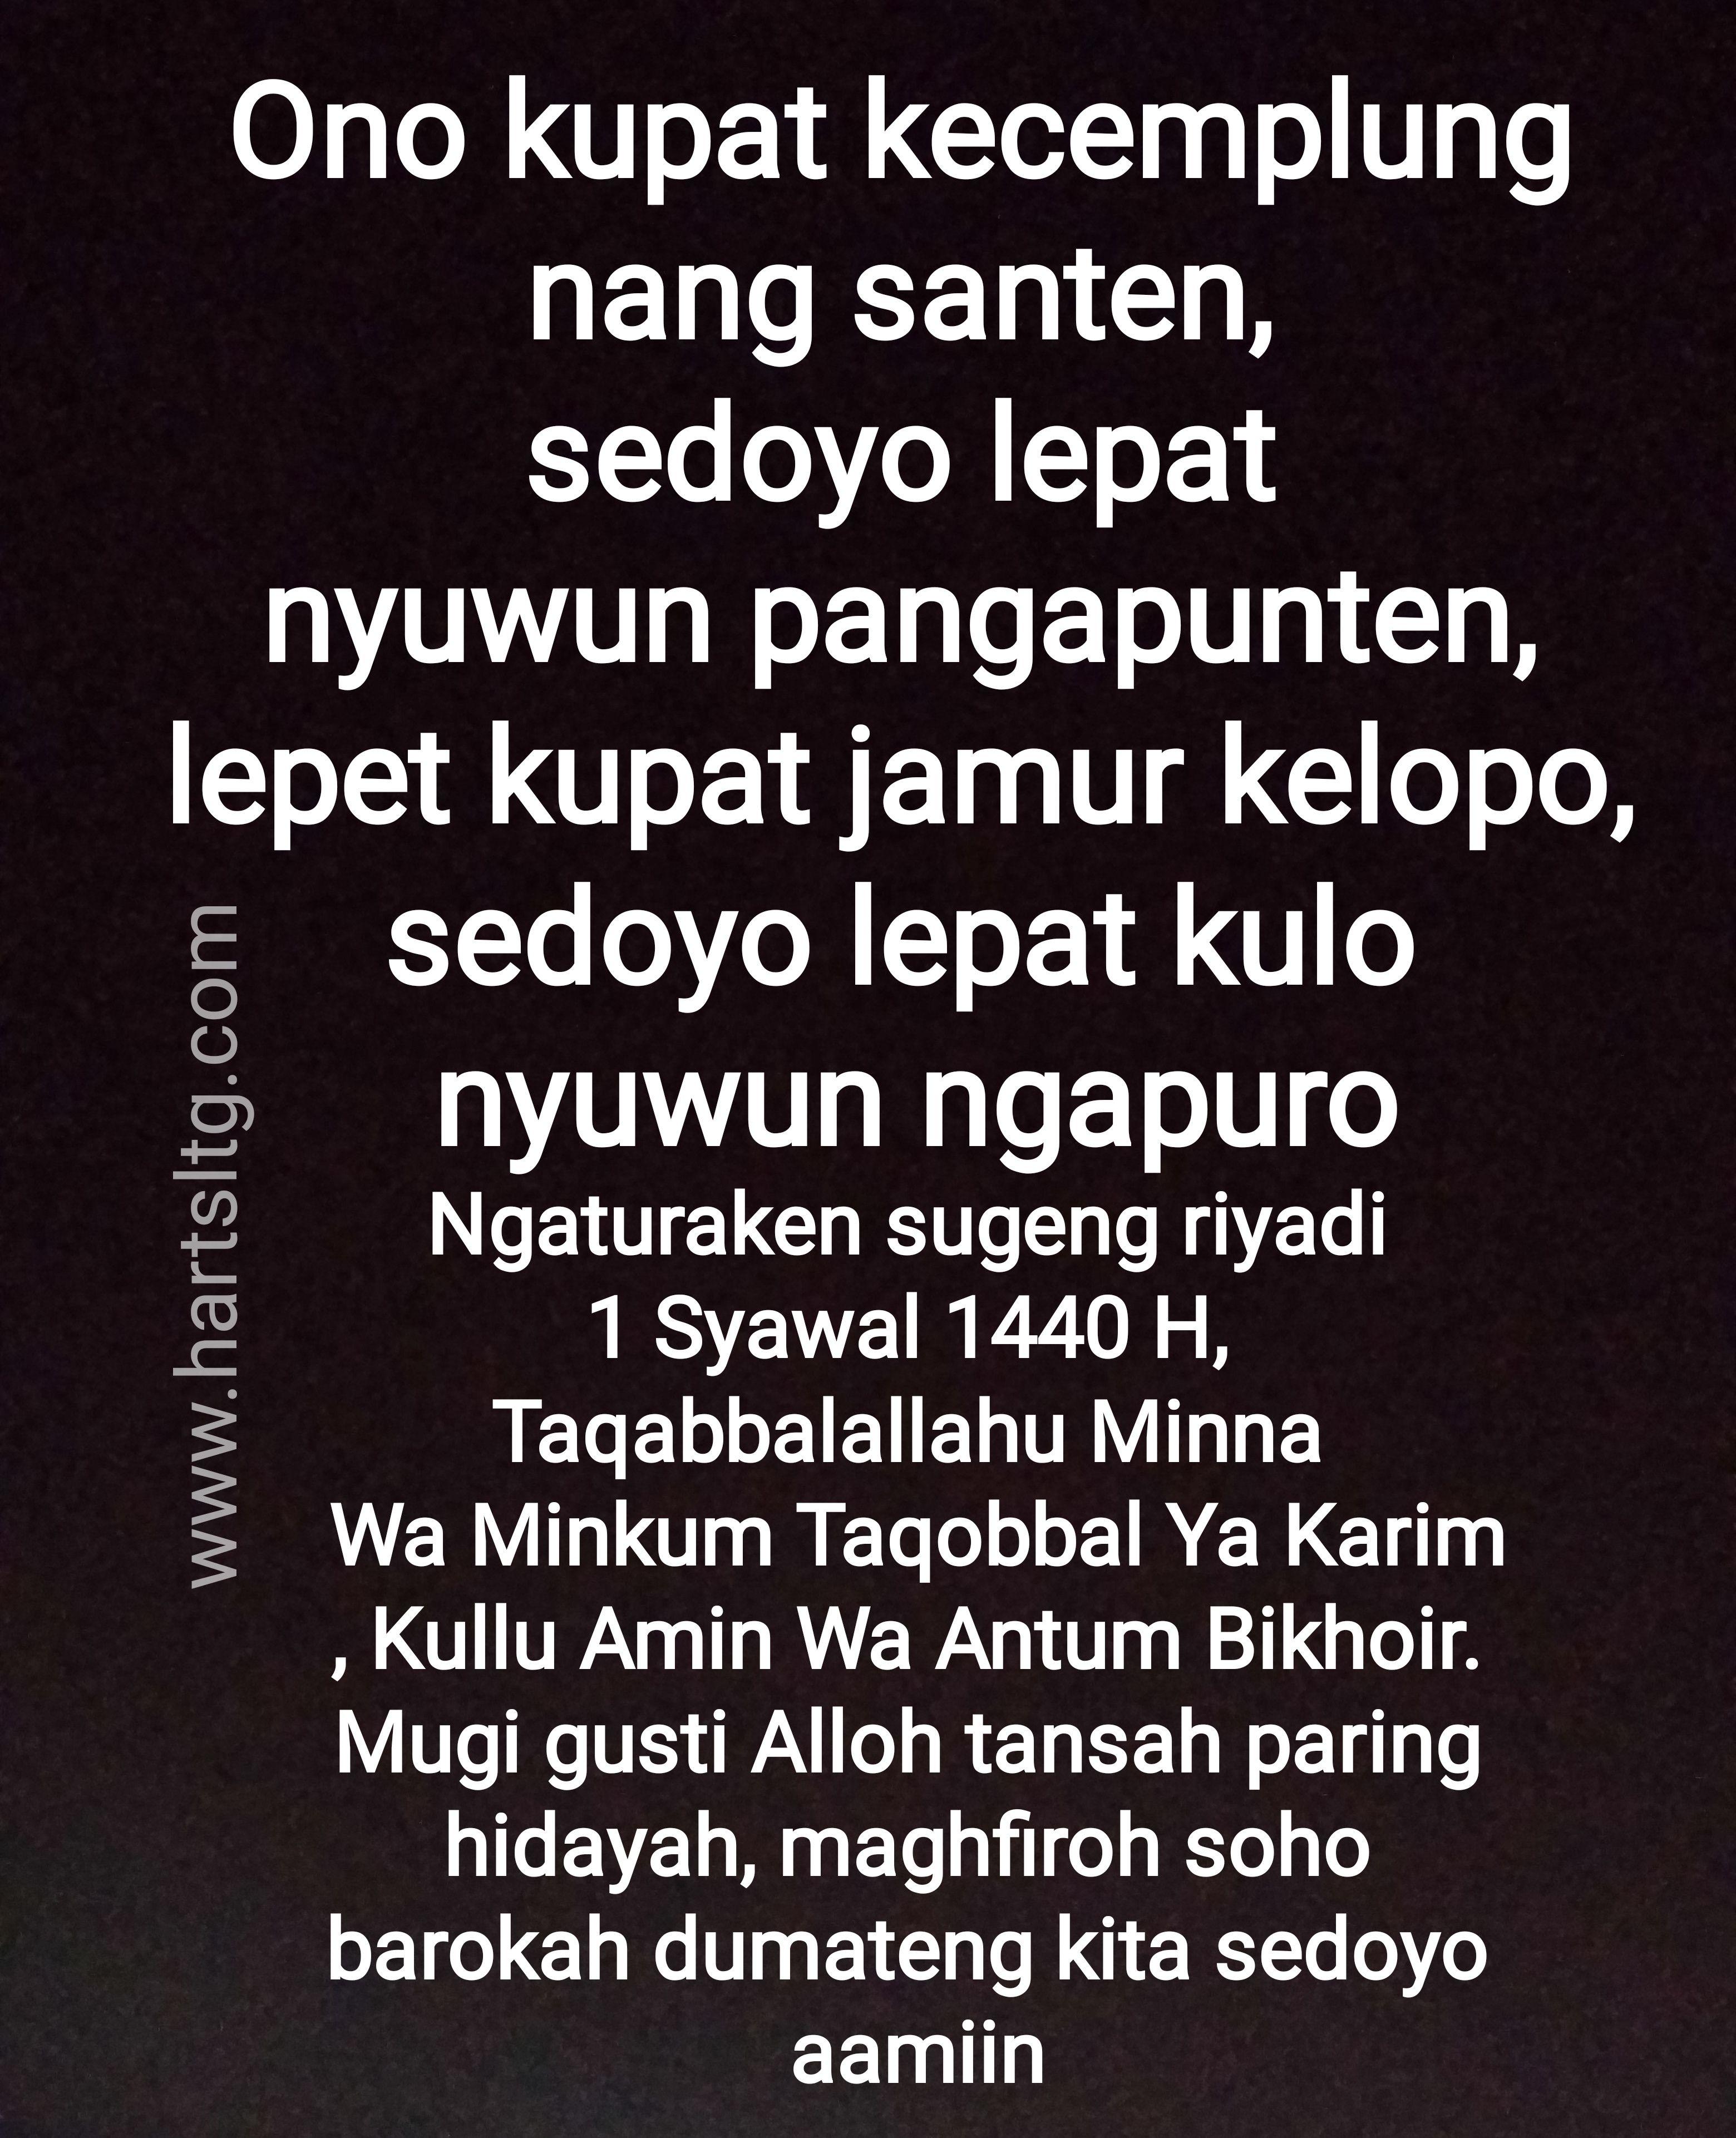 Ucapan Selamat Idul Fitri Bahasa Jawa : ucapan, selamat, fitri, bahasa, Ucapan, Fitri, Dalam, Bahasa, HijabFest